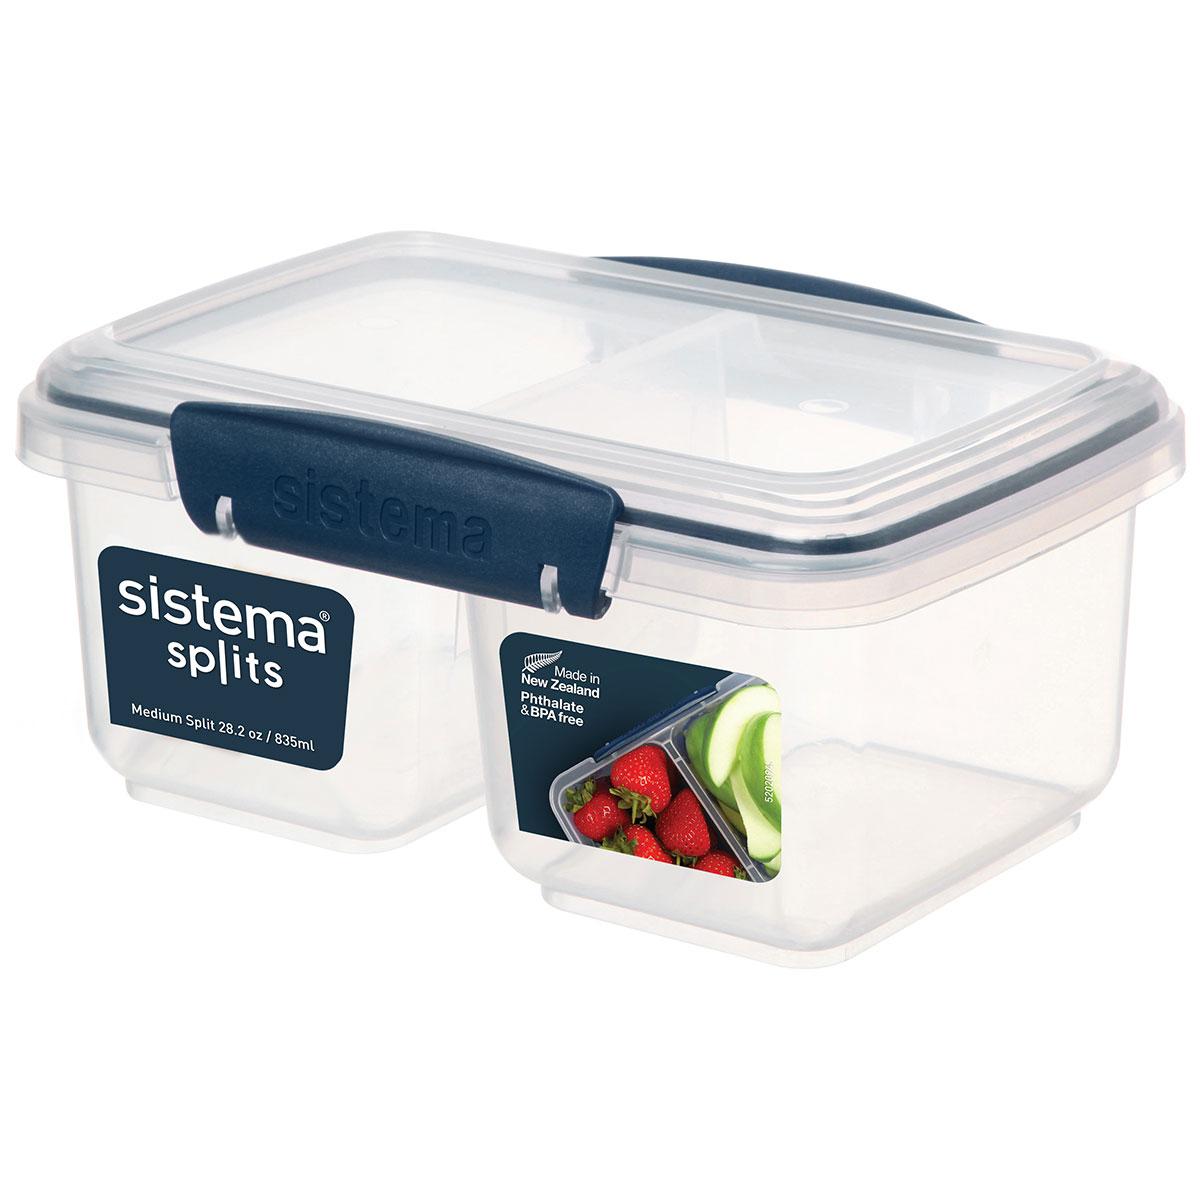 קופסת אוכל מלבנית כחול כהה מחולקת ל-2 835 מ